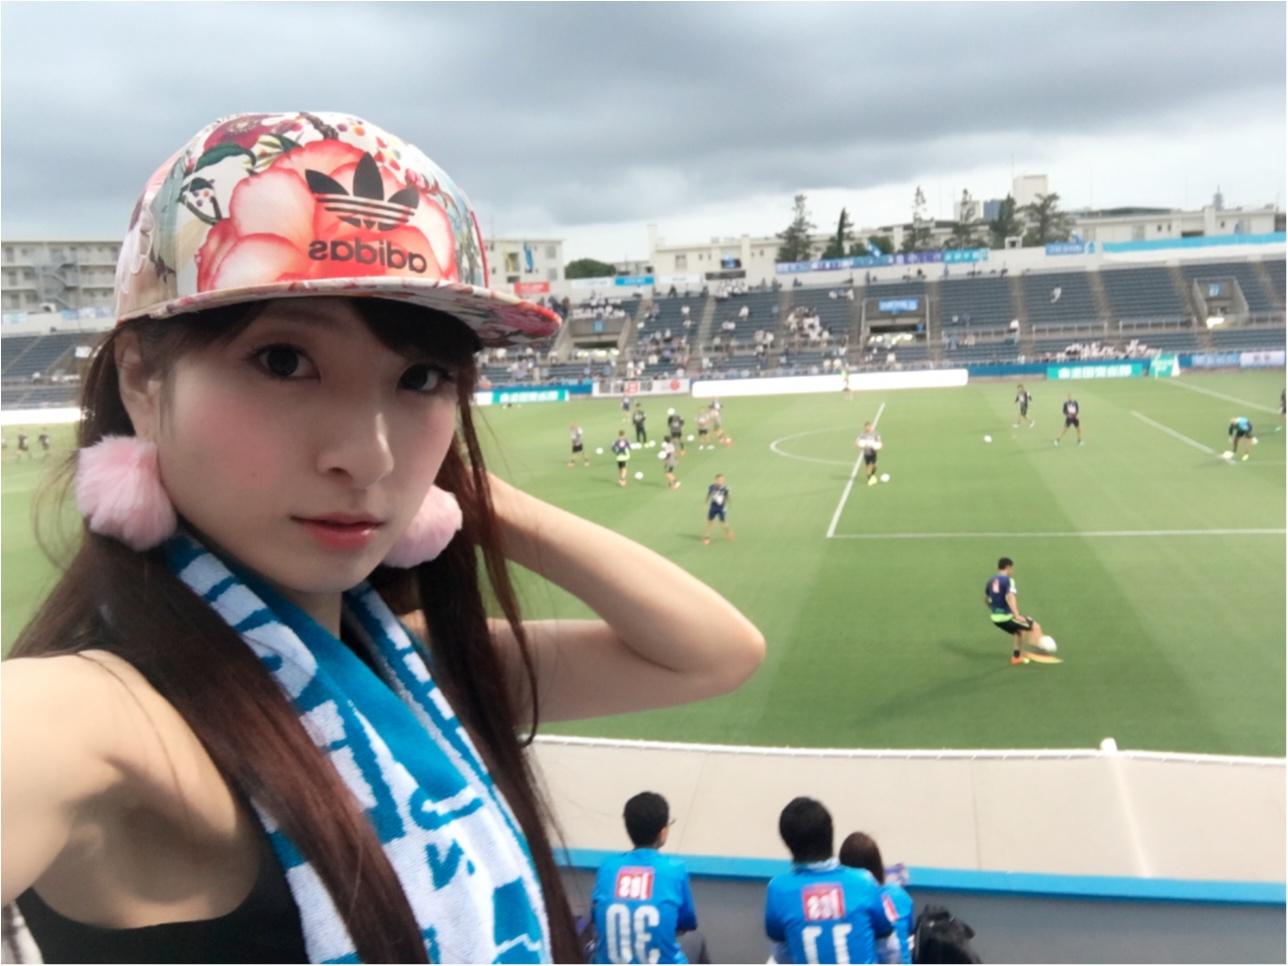 ♡【サッカー観戦】横浜FCvs水戸ホーリーホック♡モアハピ◡̈のぞみ♡_9